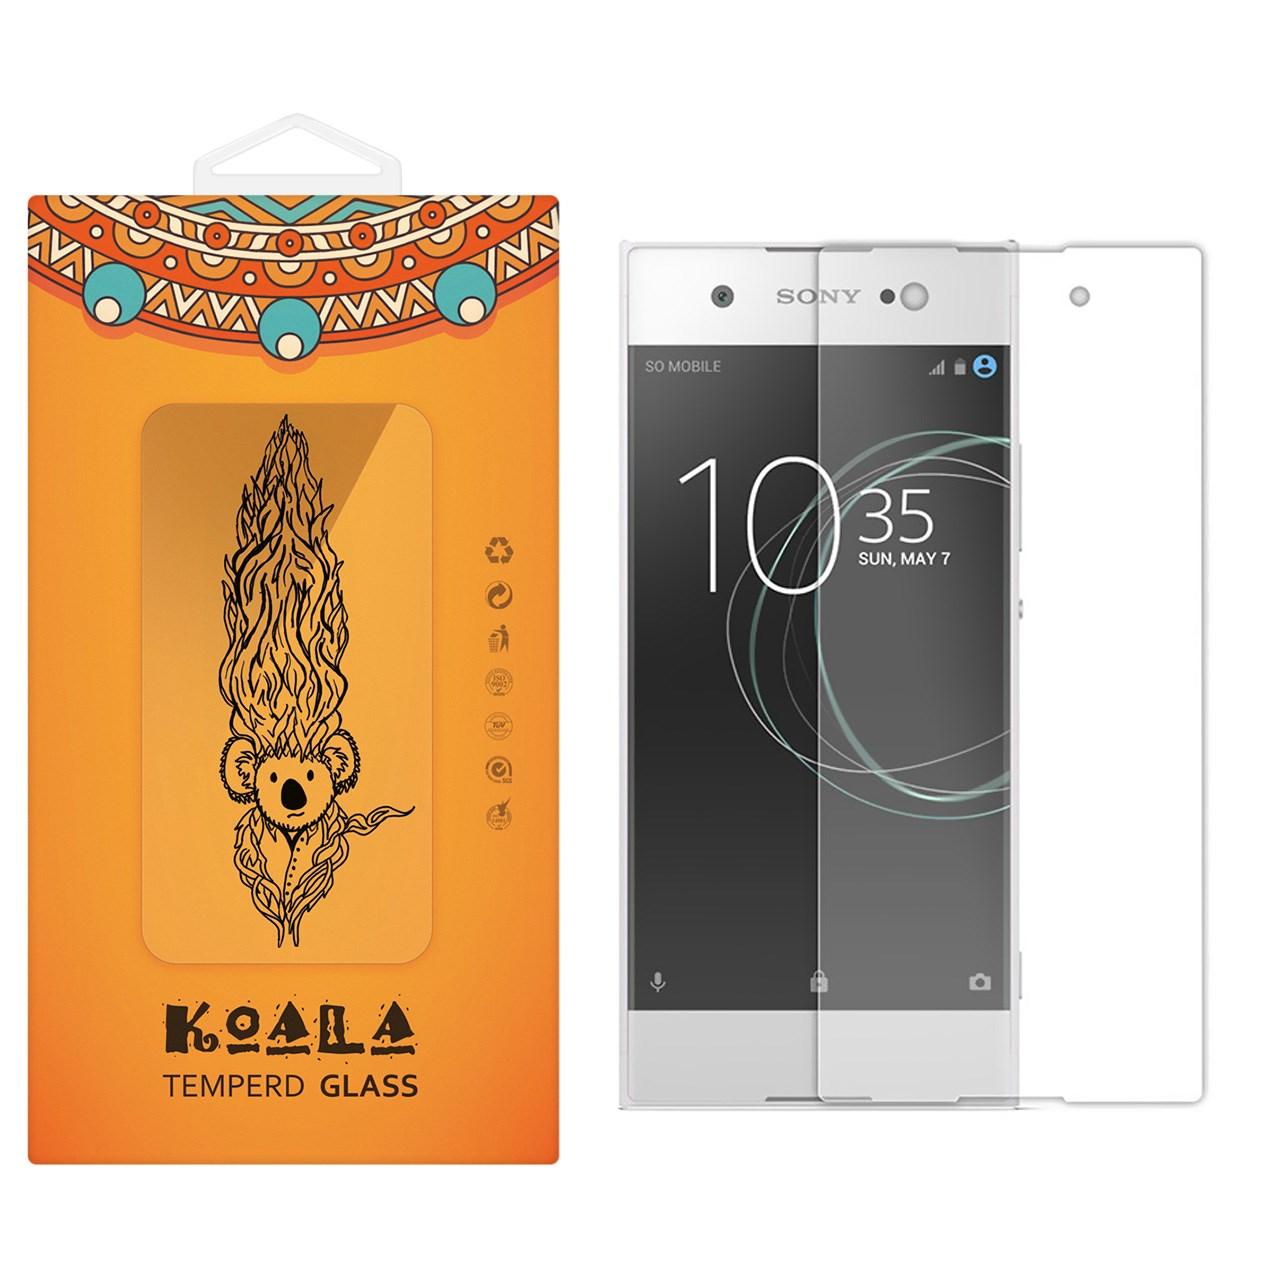 محافظ صفحه نمایش شیشه ای کوالا مدل Tempered مناسب برای گوشی موبایل سونی Xperia XA1